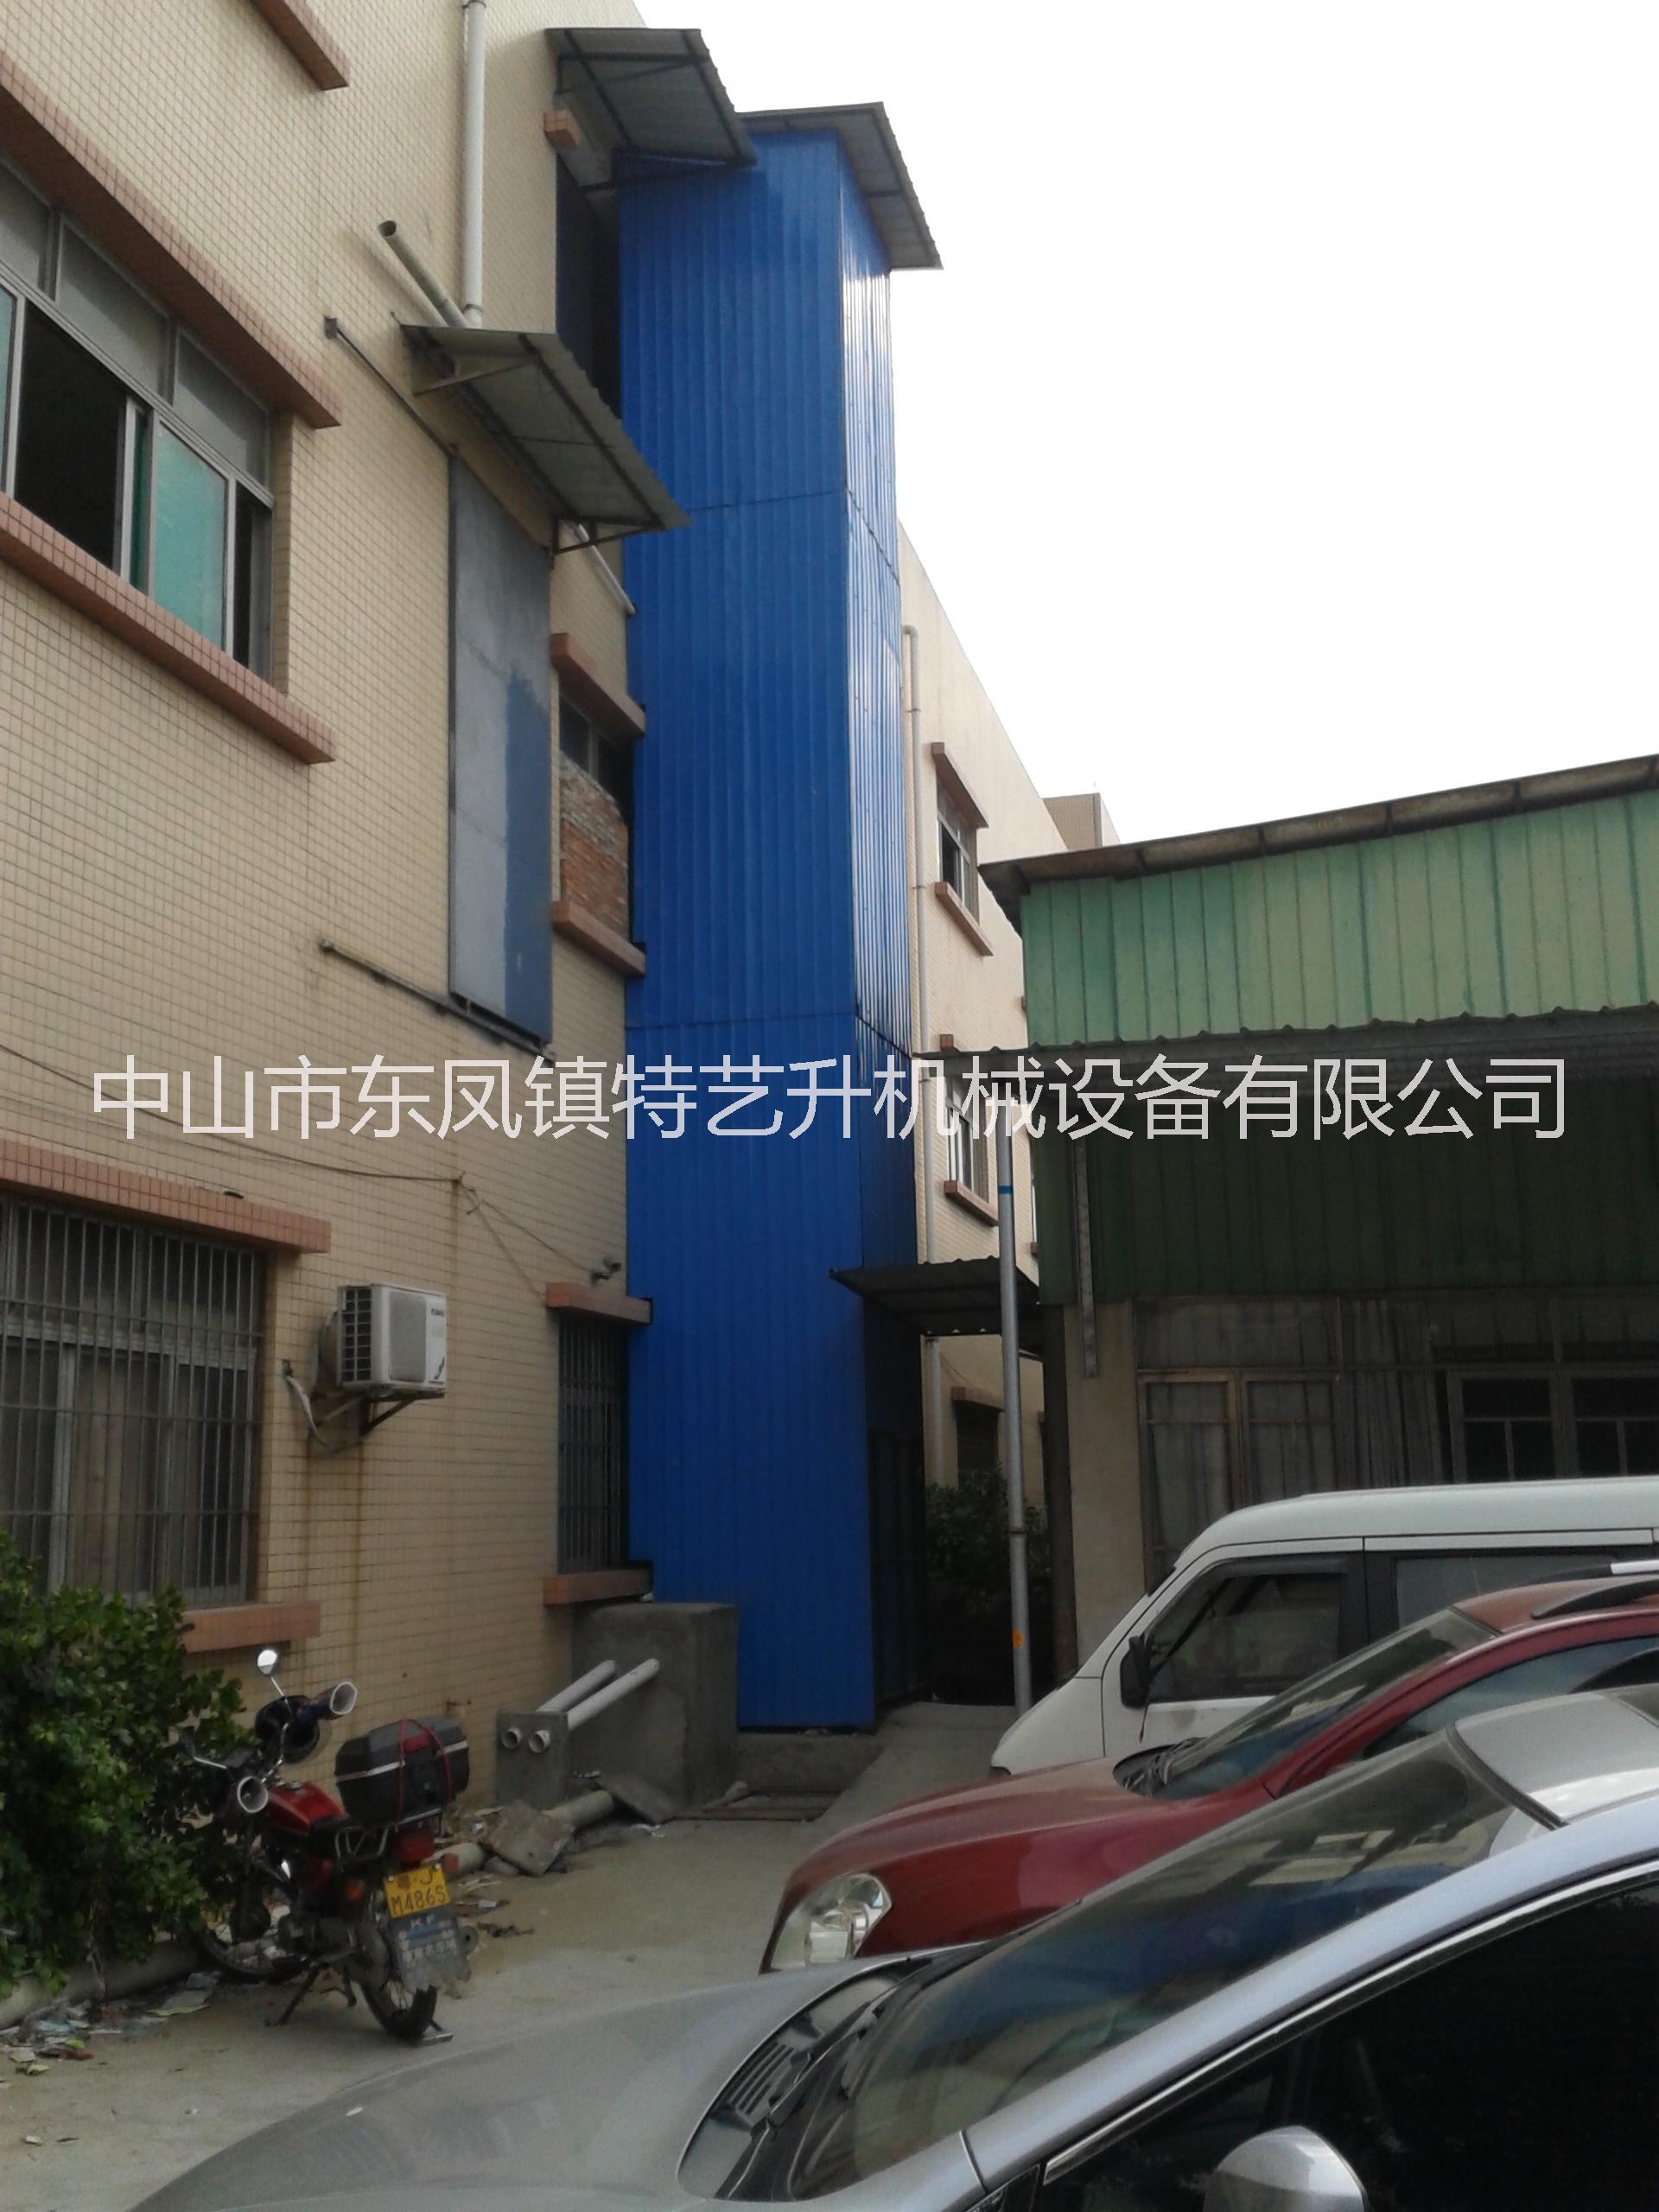 中山市厂家供应固定导轨式升降货梯,导轨式升降机,货梯价格 固定导轨式升降平台 固定导轨式升降电梯